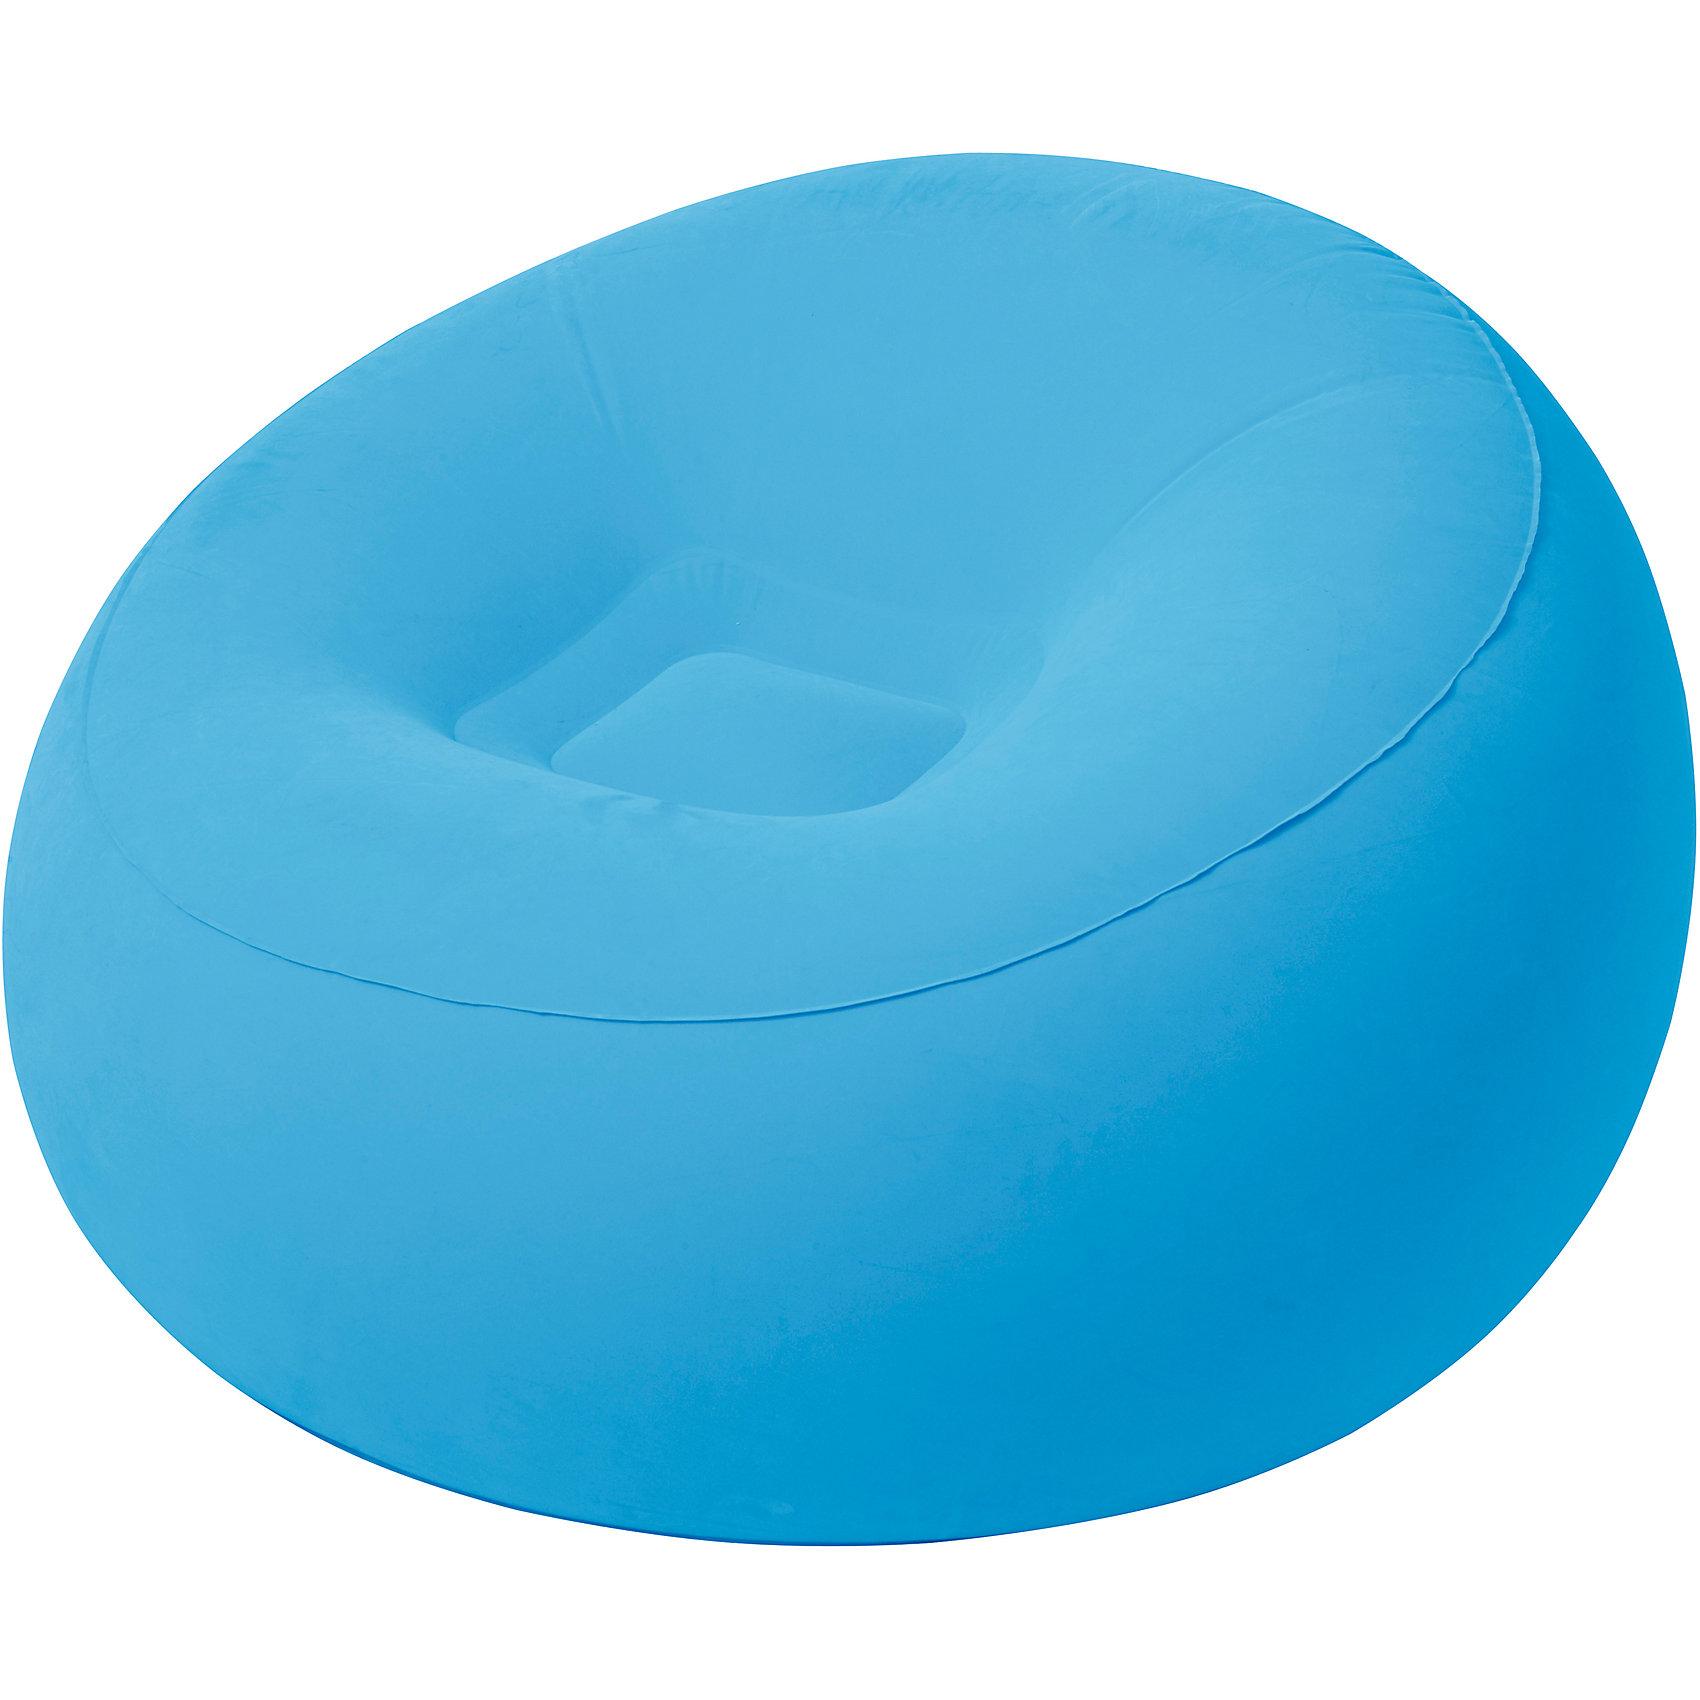 Кресло надувное, 112х112х66 см, голубое, Bestway